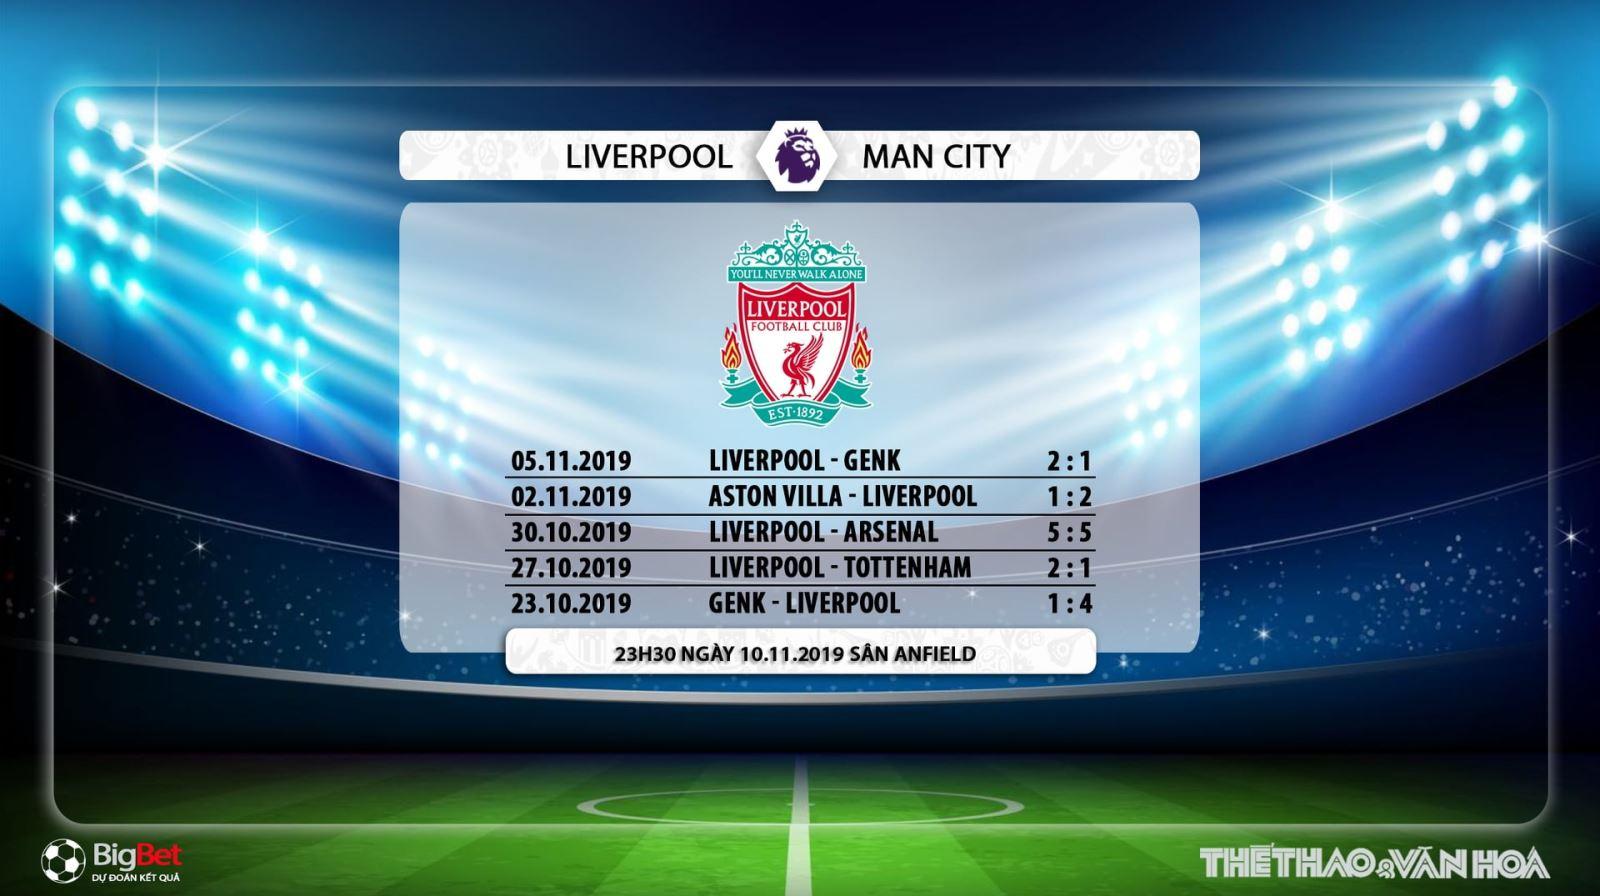 soi kèo Liverpool vs Man City, truc tiep bong da hom nay, Liverpool đấu với Man City, xem bóng đá trực tiếp, Premier League, Ngoại hạng Anh, K+, K+PM, K+PC, K+1, K+NS, xem bong da truc tuyen, Liverpool